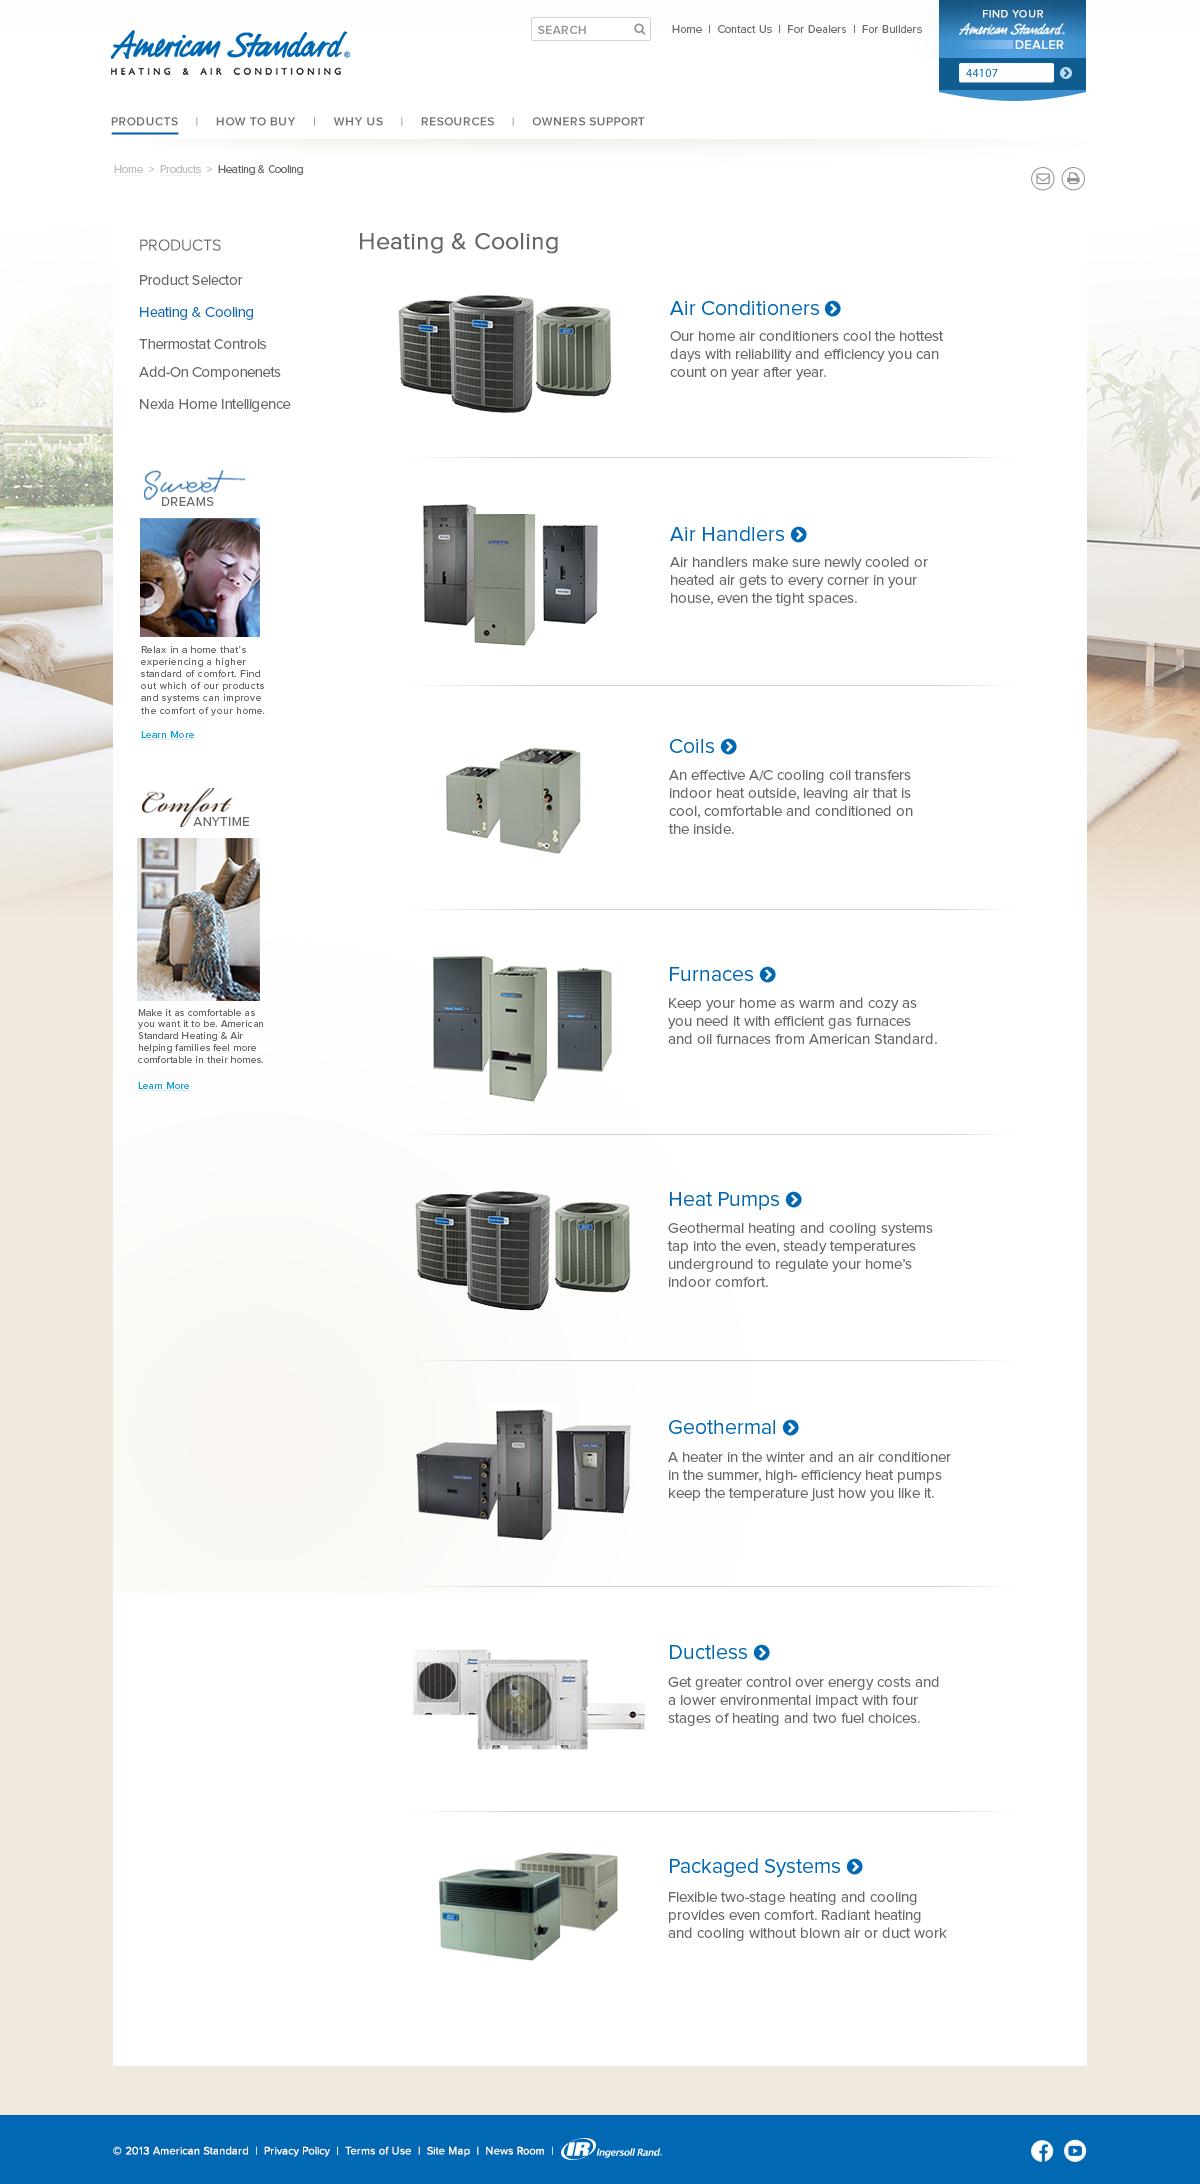 ING-AS_Heating_Cooling_Page_1.jpg